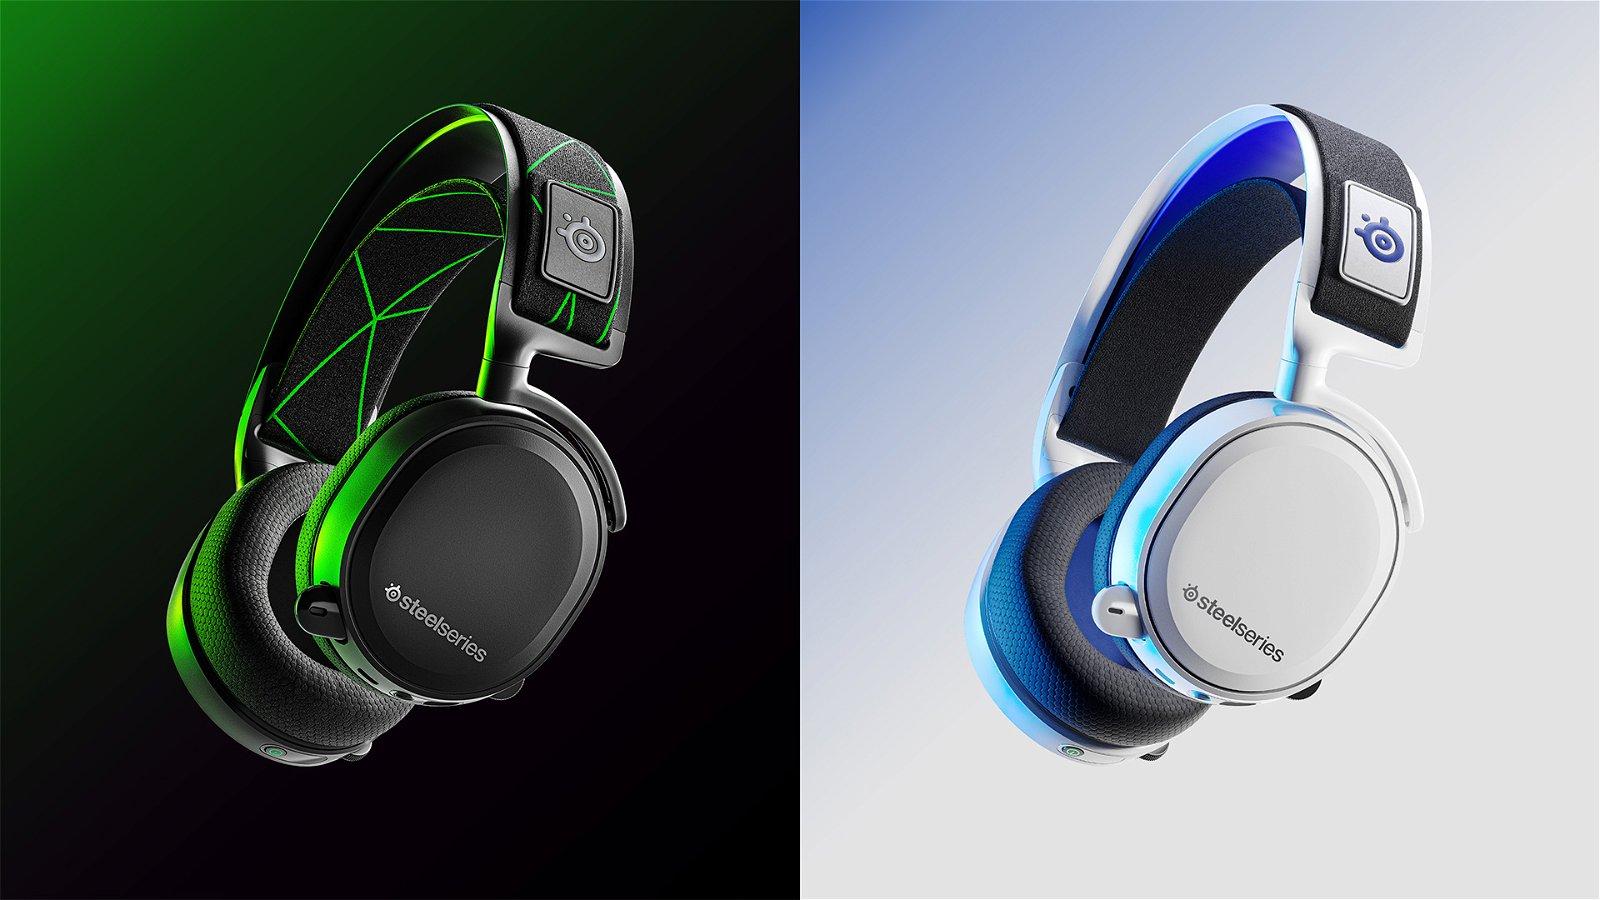 Steelseries Arctis 7X/7P Headphone Review 1